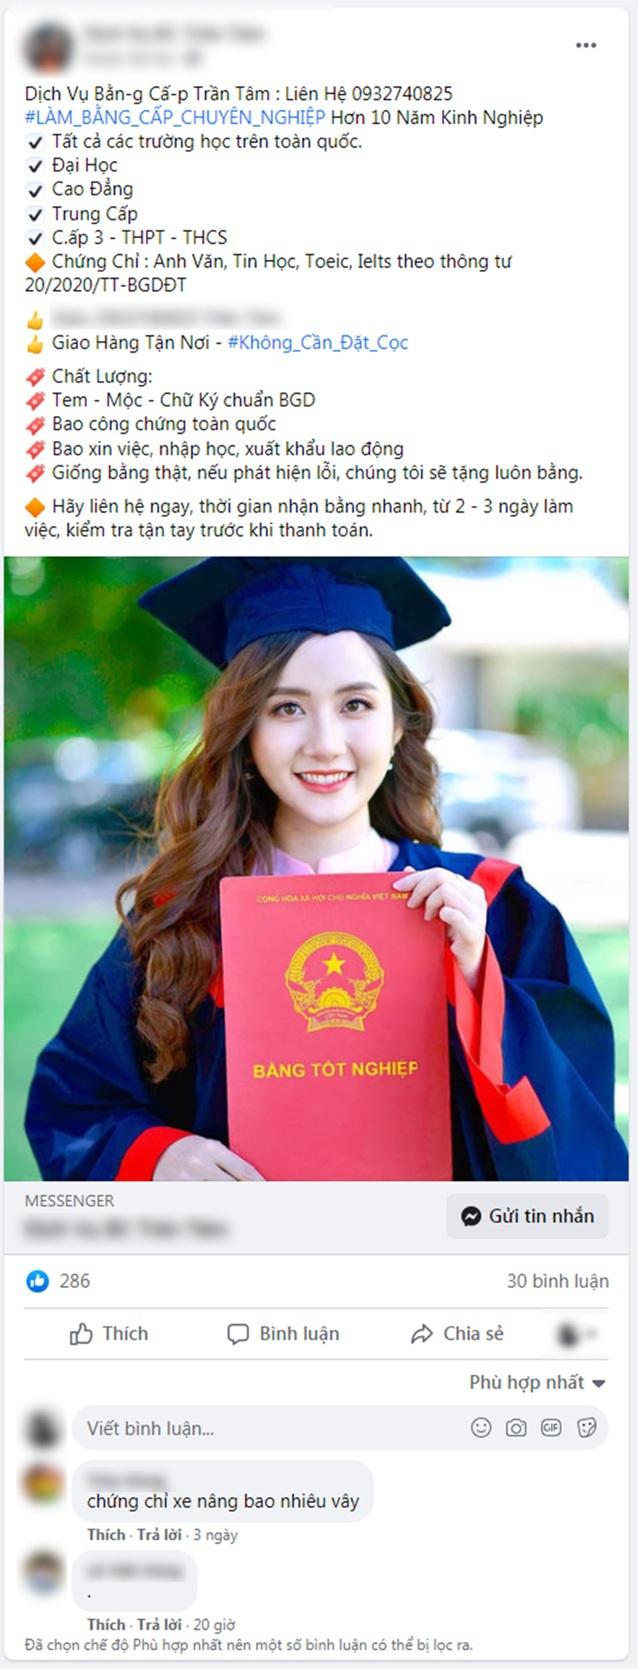 """Thủ khoa xinh đẹp của Đại học Kiểm sát """"cầu cứu"""" vì hình ảnh bị quảng cáo làm bằng giả - Ảnh 2."""